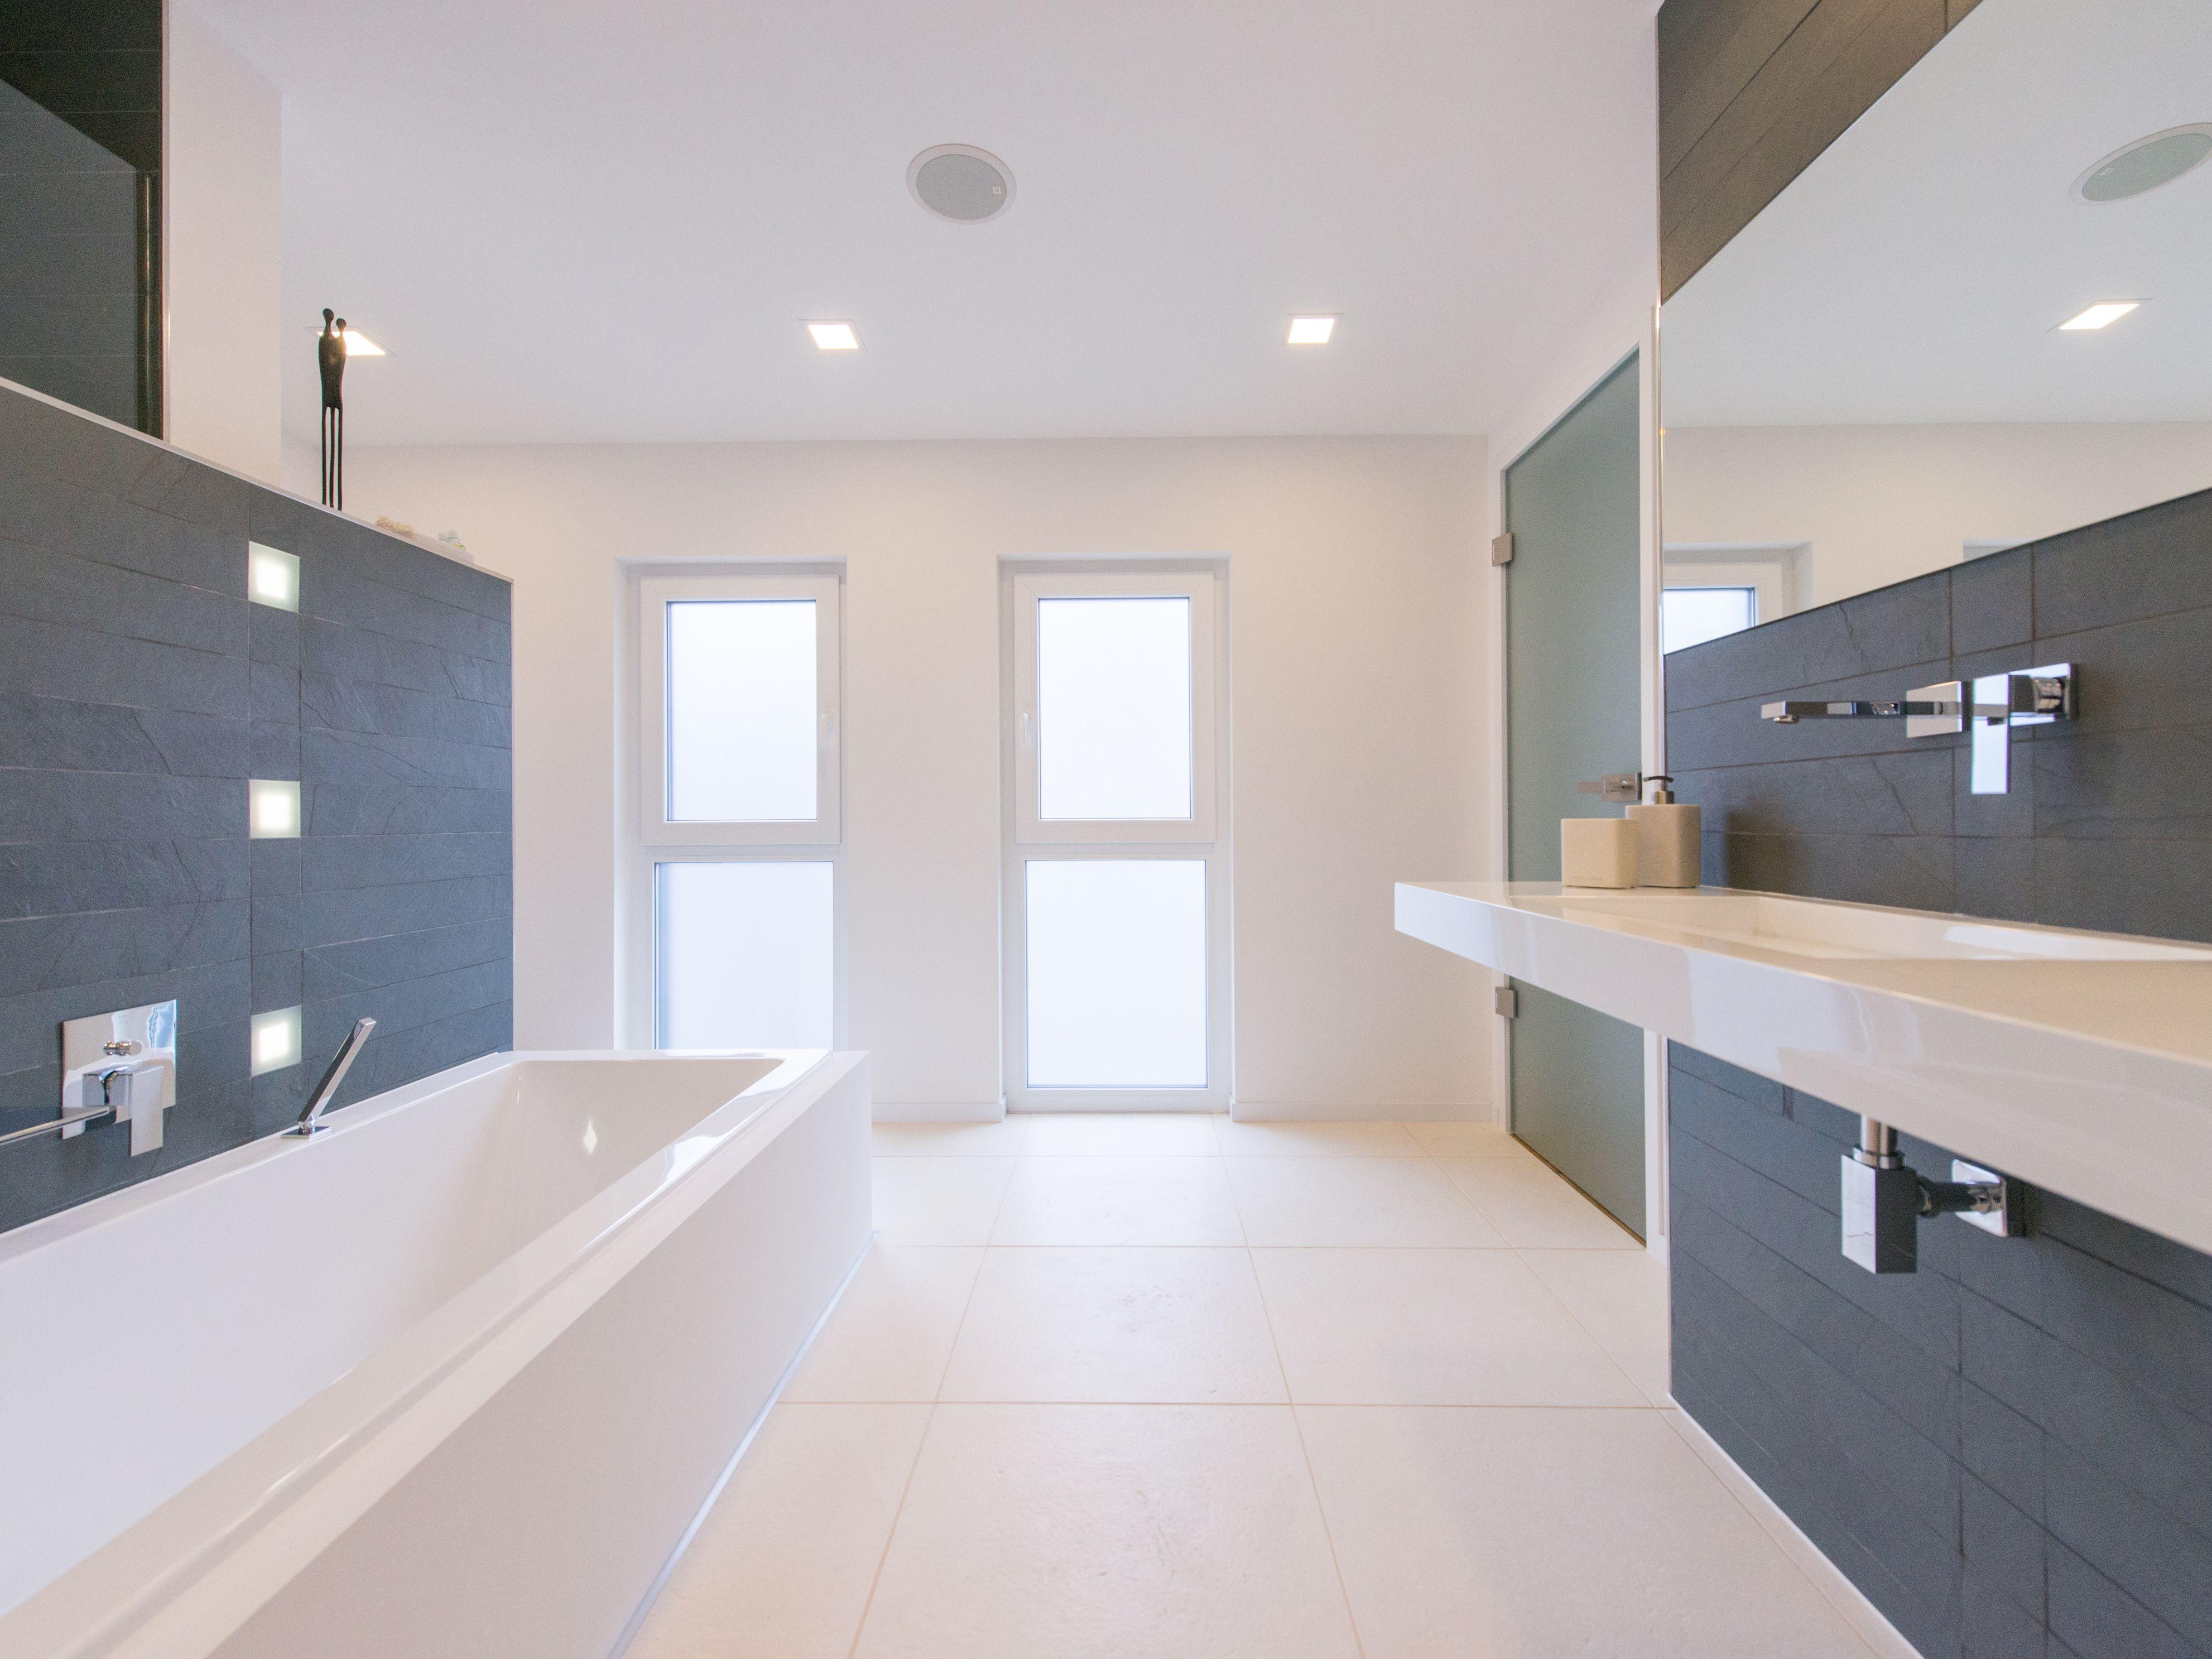 Der Helle Boden Unterstreicht Das Einladende Ambiente Des  Lichtdurchfluteten Badezimmers U2013 Jonastone